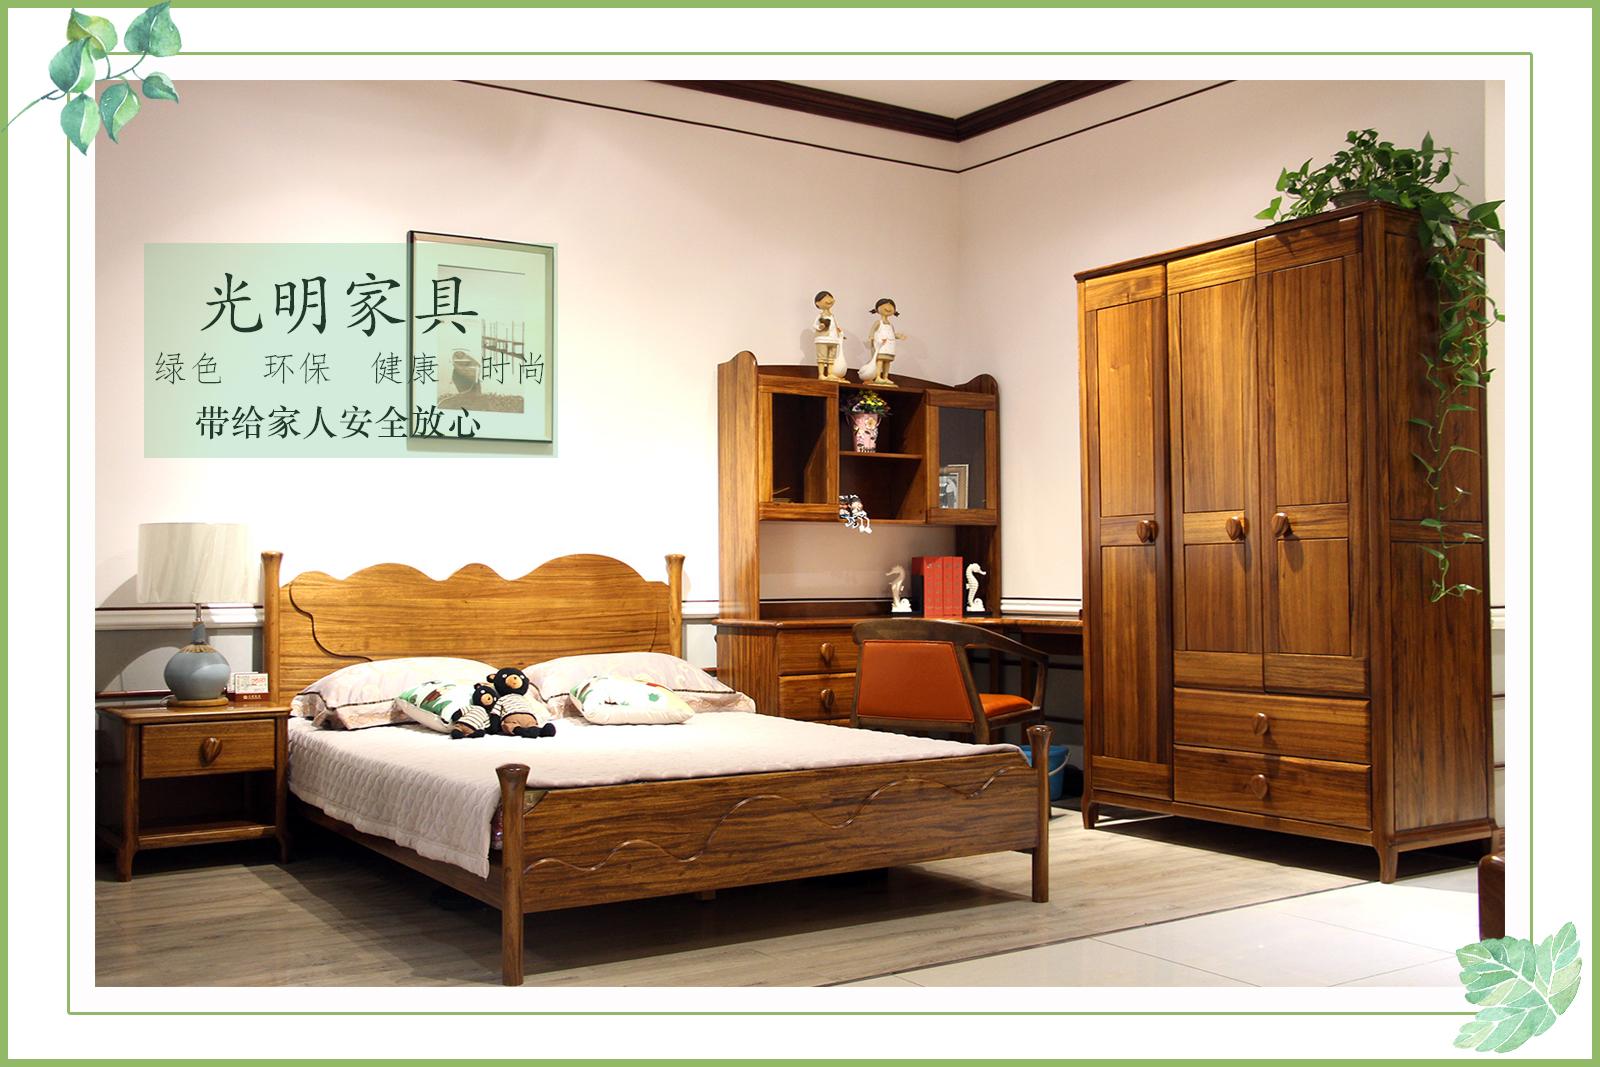 光明家具带您品中式风情赏万千繁华